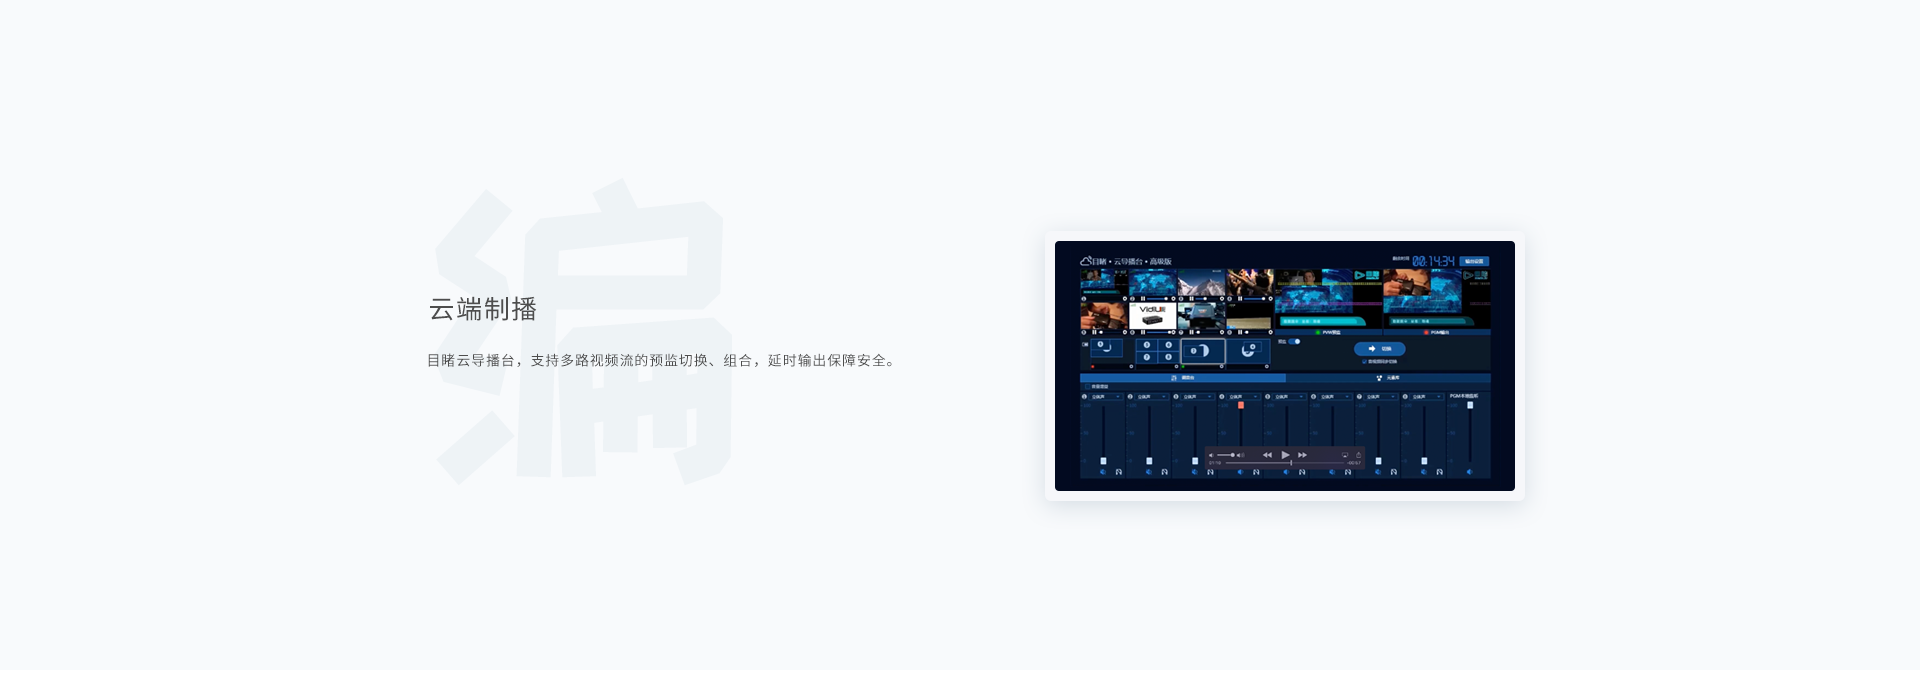 广电新媒体解决方案_05.png